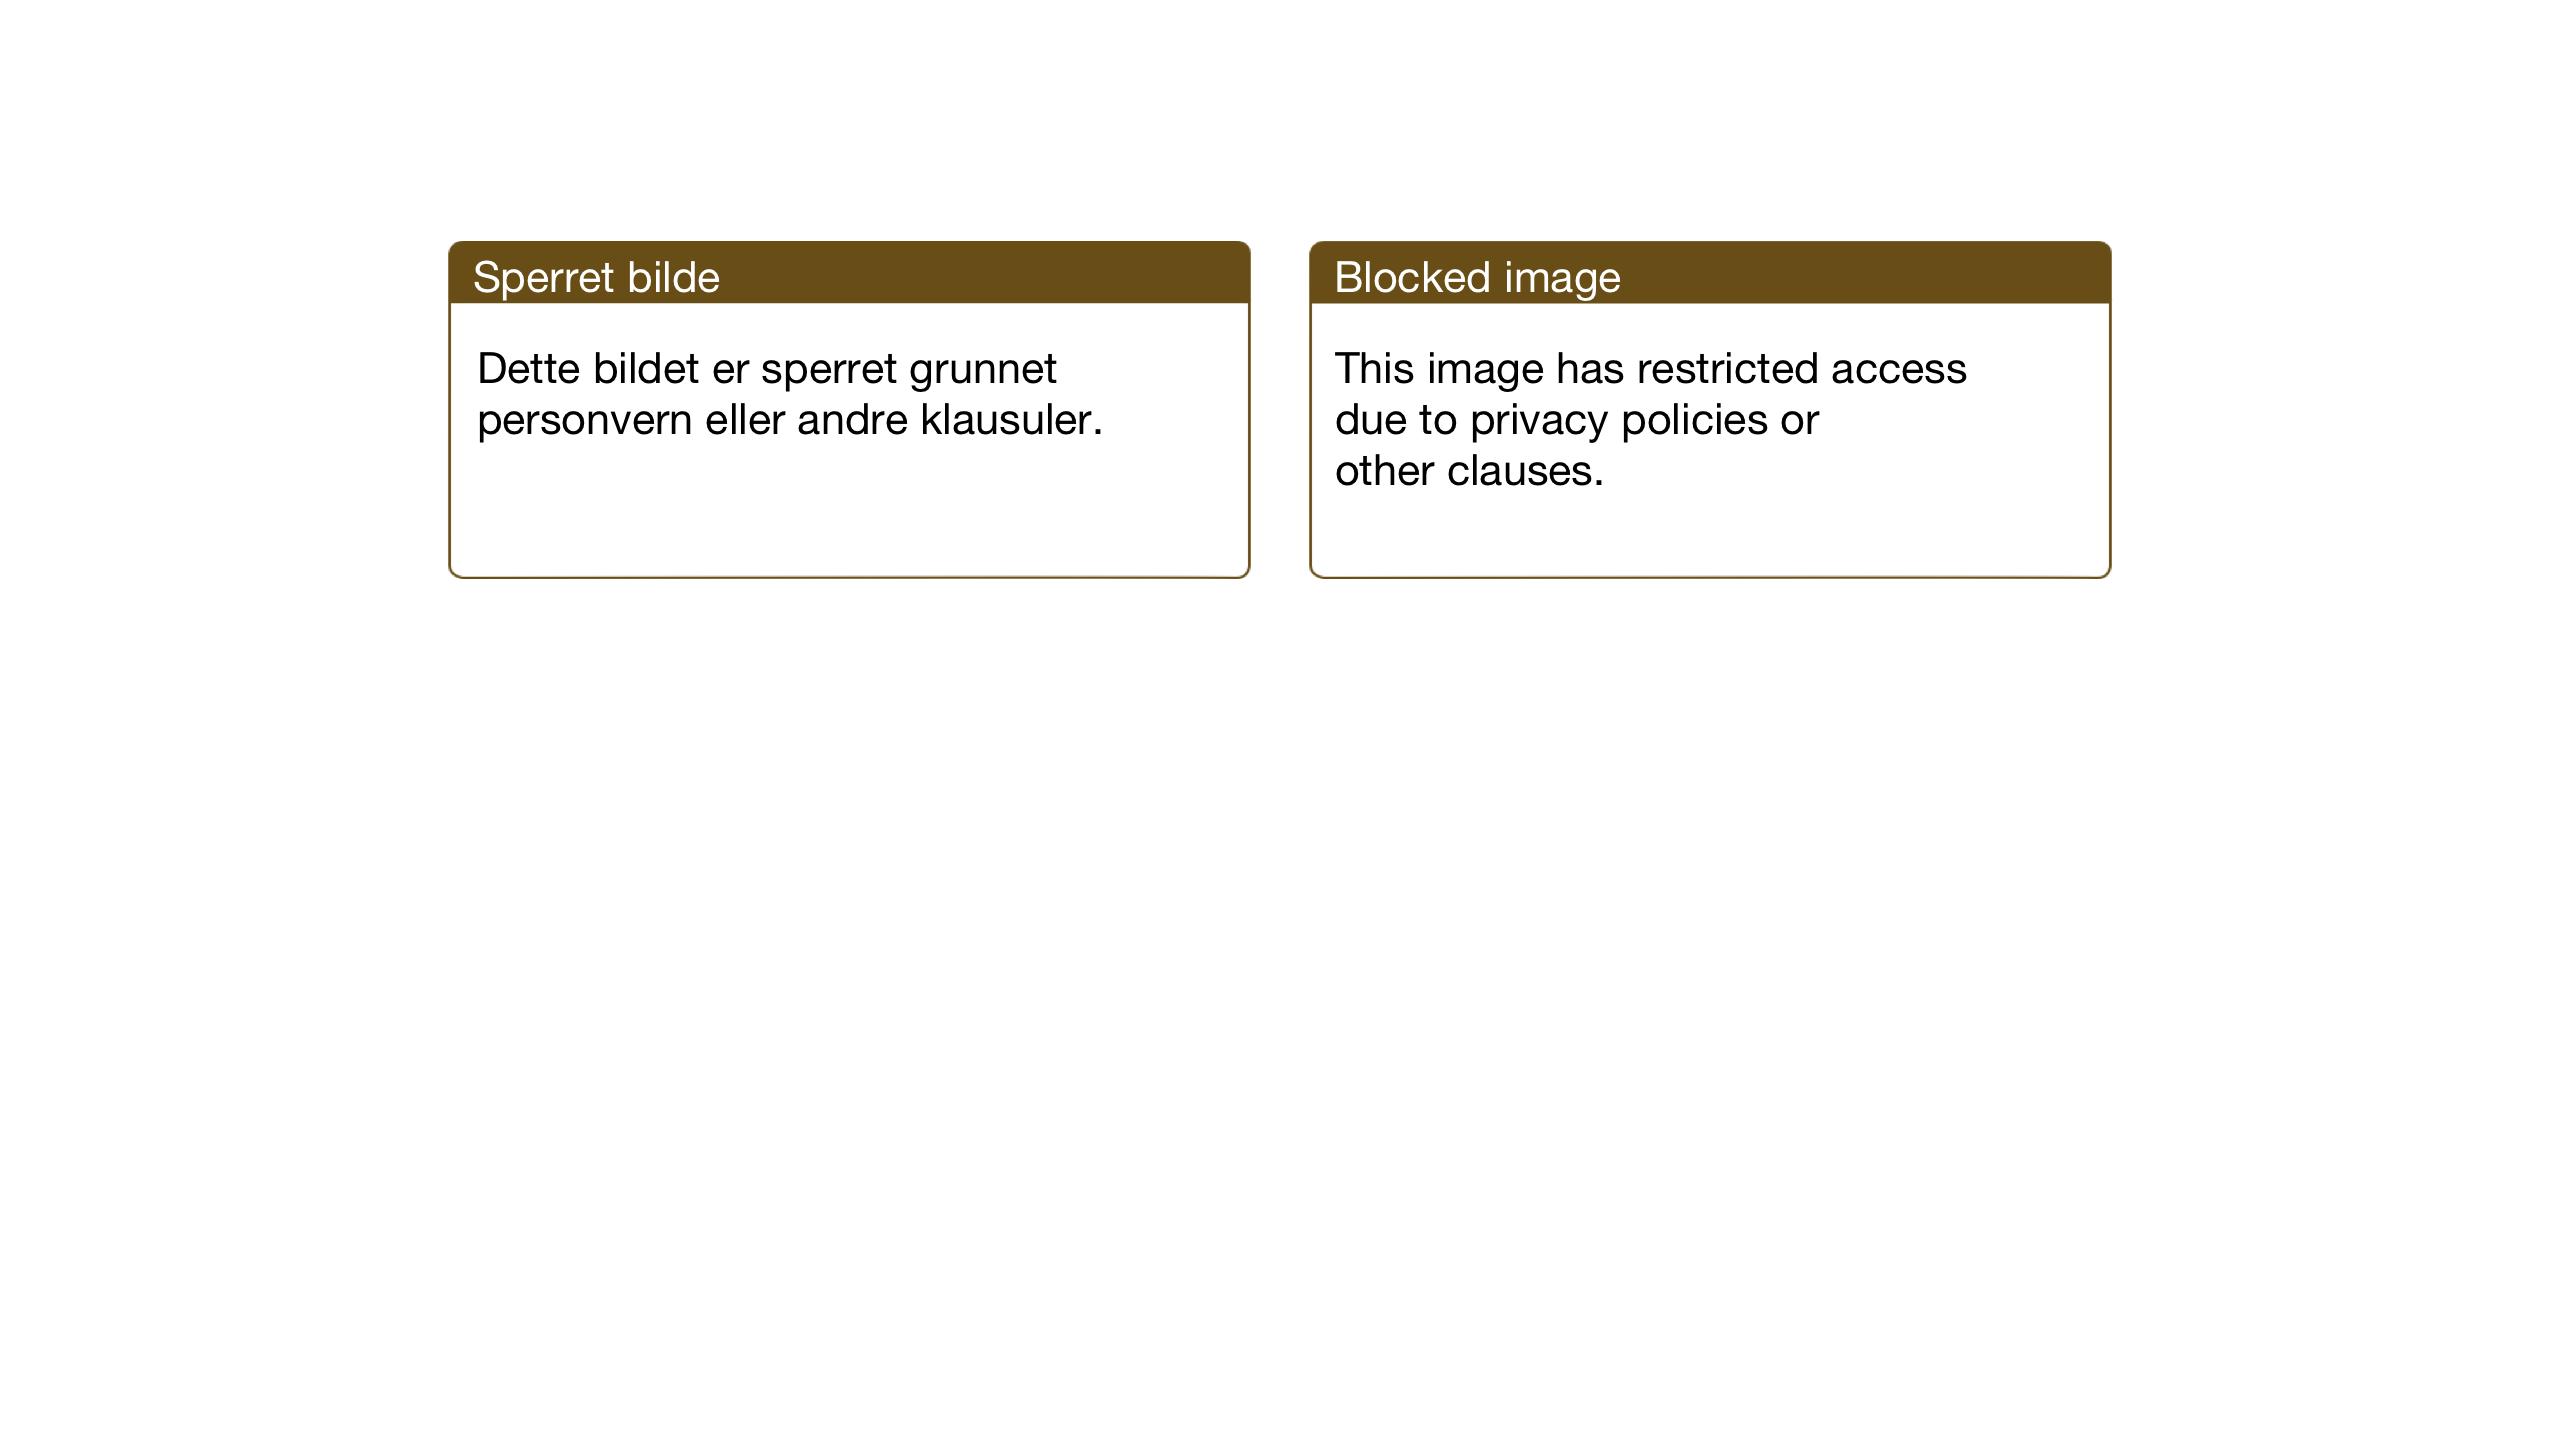 SAT, Ministerialprotokoller, klokkerbøker og fødselsregistre - Sør-Trøndelag, 674/L0878: Klokkerbok nr. 674C05, 1941-1950, s. 37